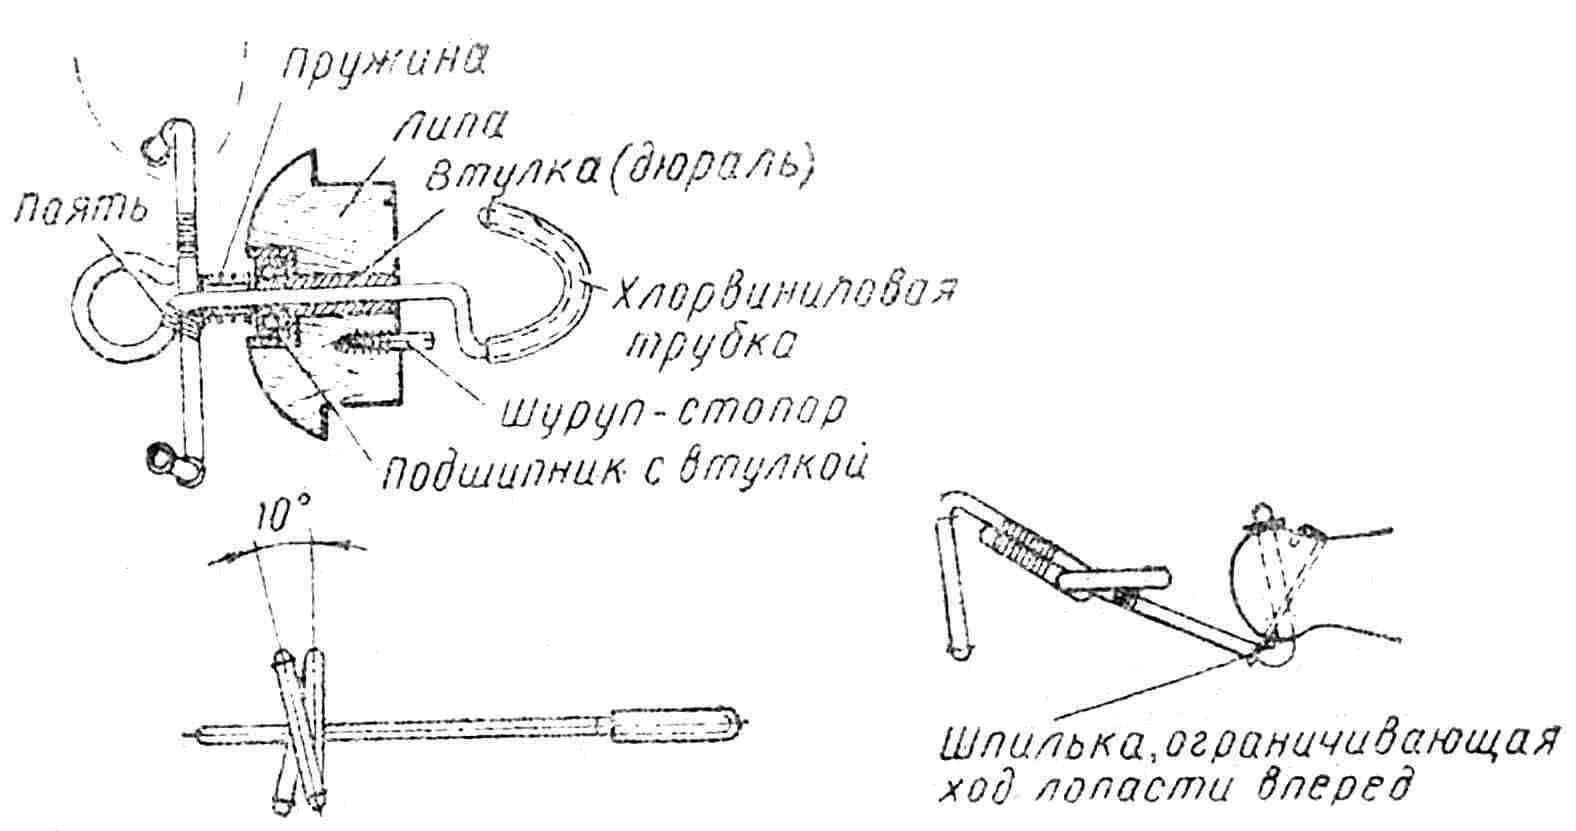 Рис. 11. Общий вид устройства для быстрого соединения штуртросов с мотором: 1 — концы штуртросов; 2 — пружины: 3 — соединительная планка (сталь 3 мм); через отверстие в этой планке ее крепят к штанге (или ручке) подвесногомотора обычным или морским болтом.